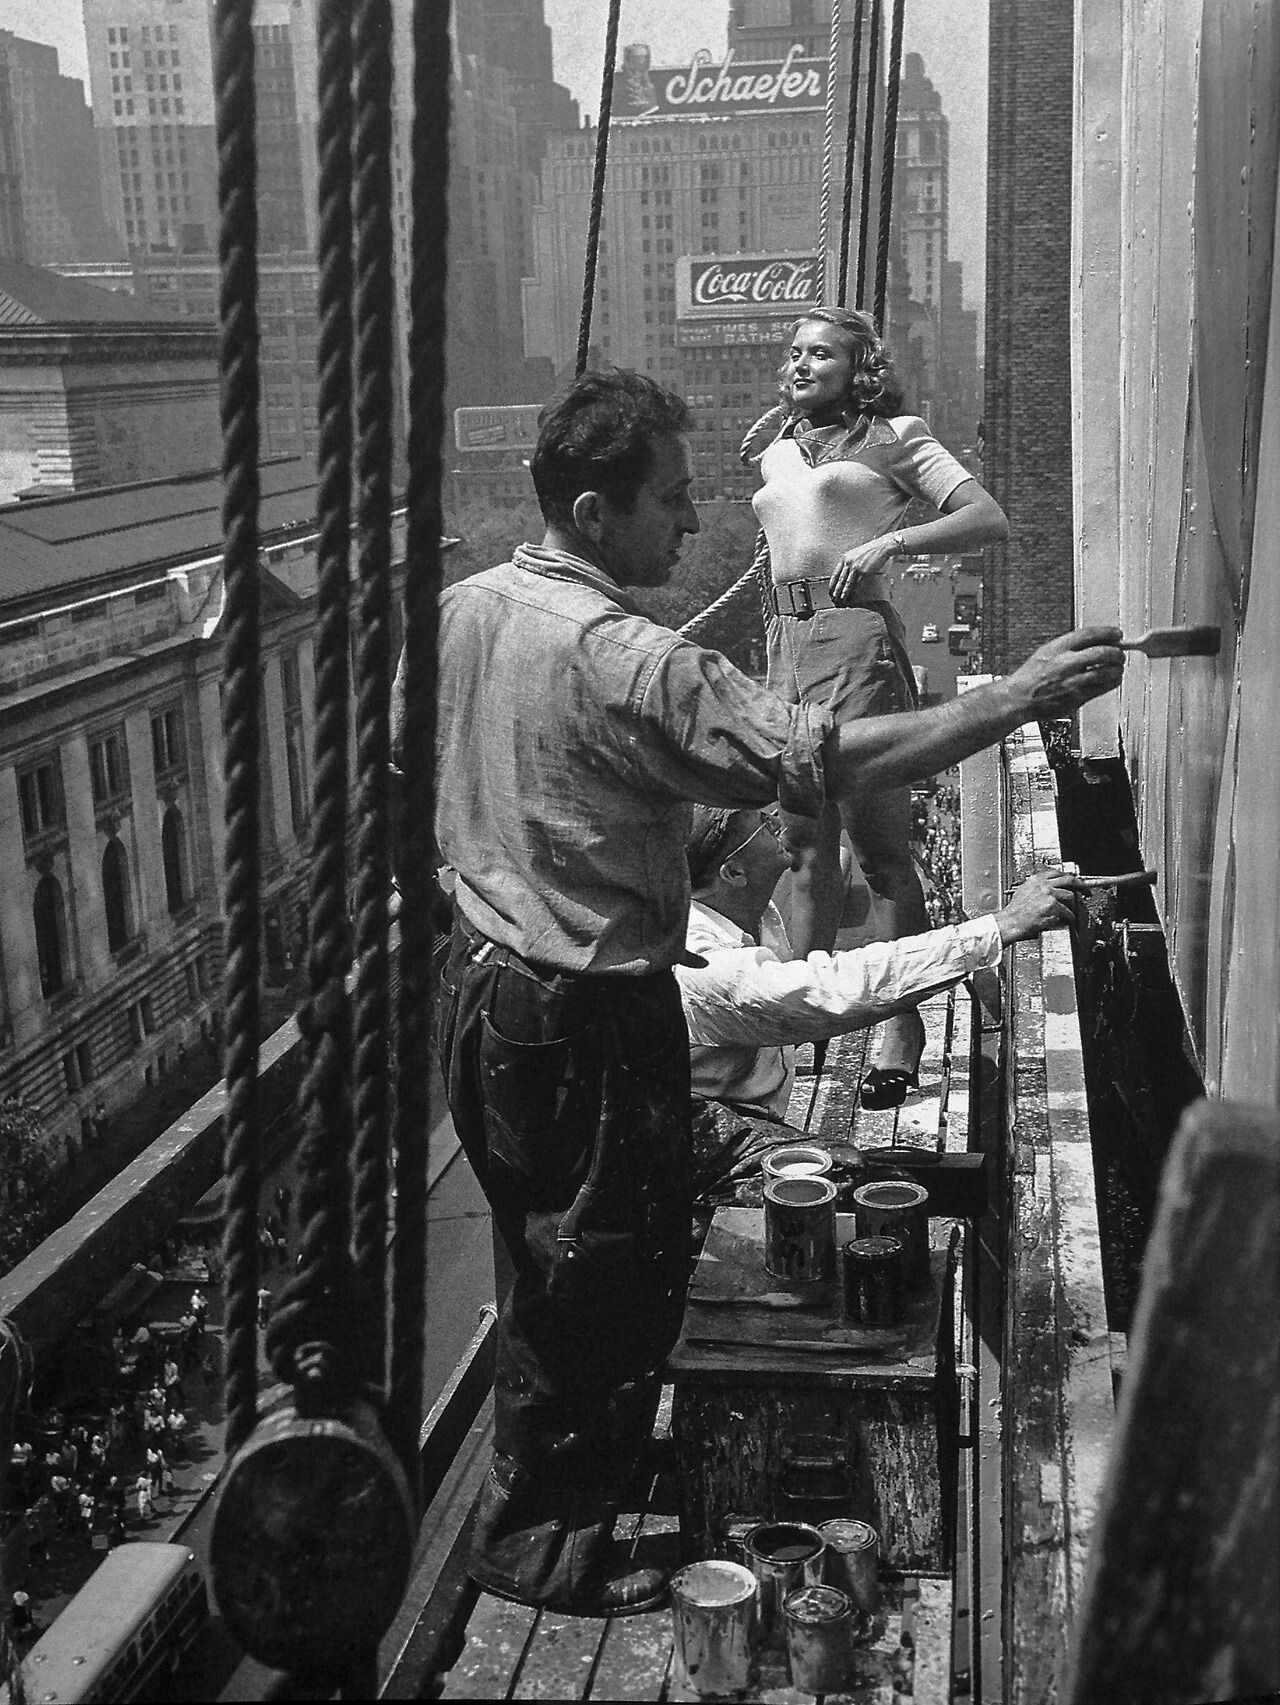 Натурщица и художники. Работа над рекламным щитом, Нью-Йорк, 1947. Фотограф Фрэнк Бауман